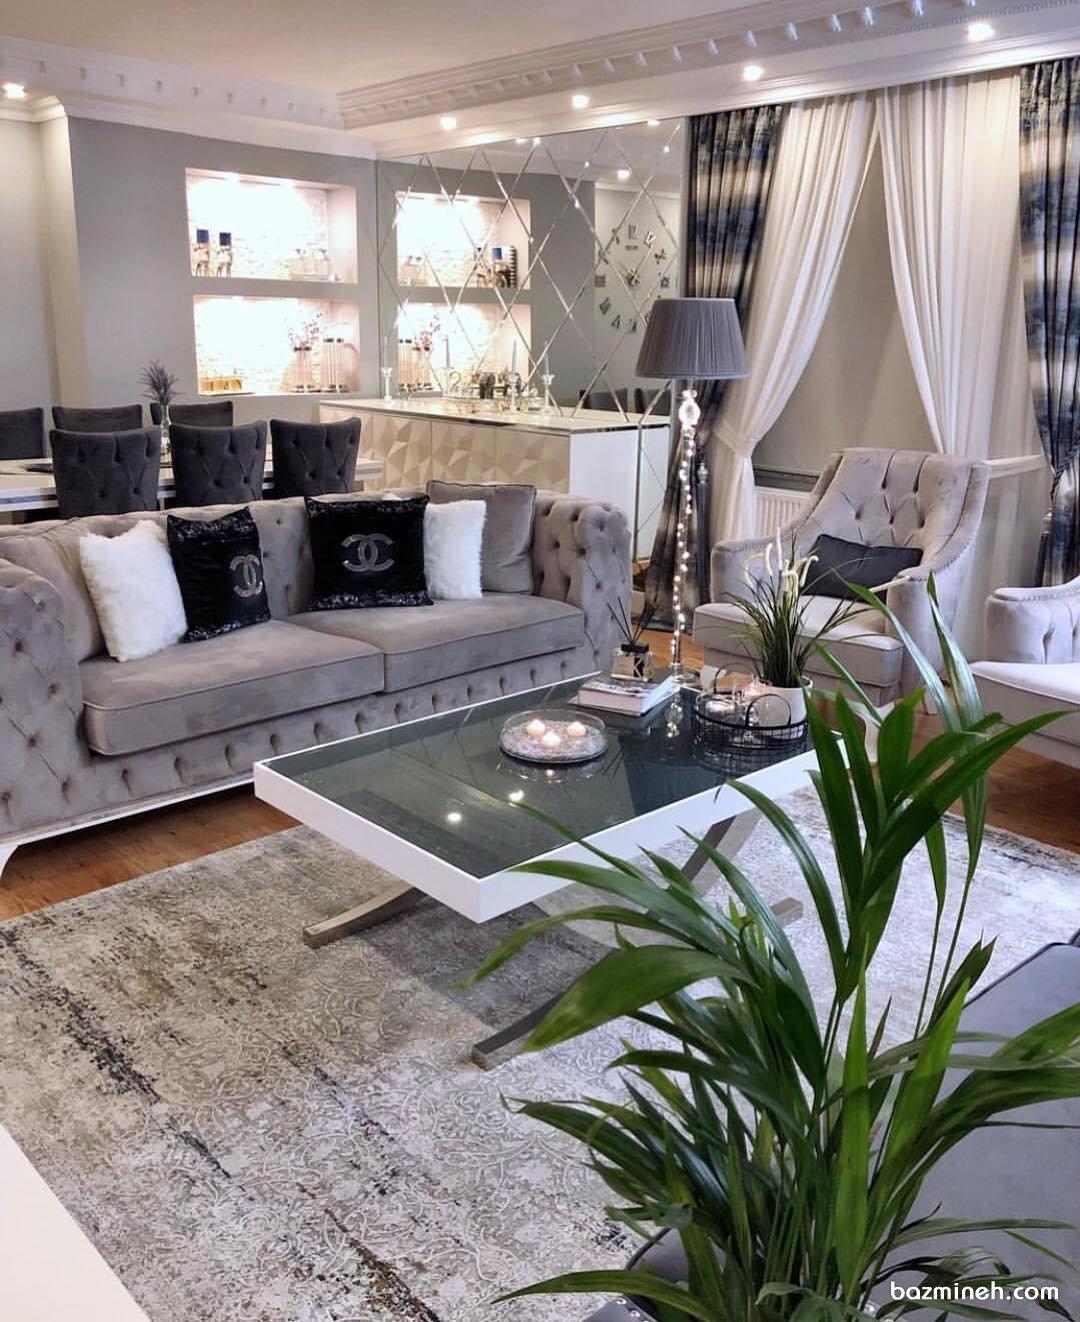 مدل دکوراسیون منزل عروس و داماد به سبک نئوکلاسیک با تم رنگی زیبای سفید طوسی